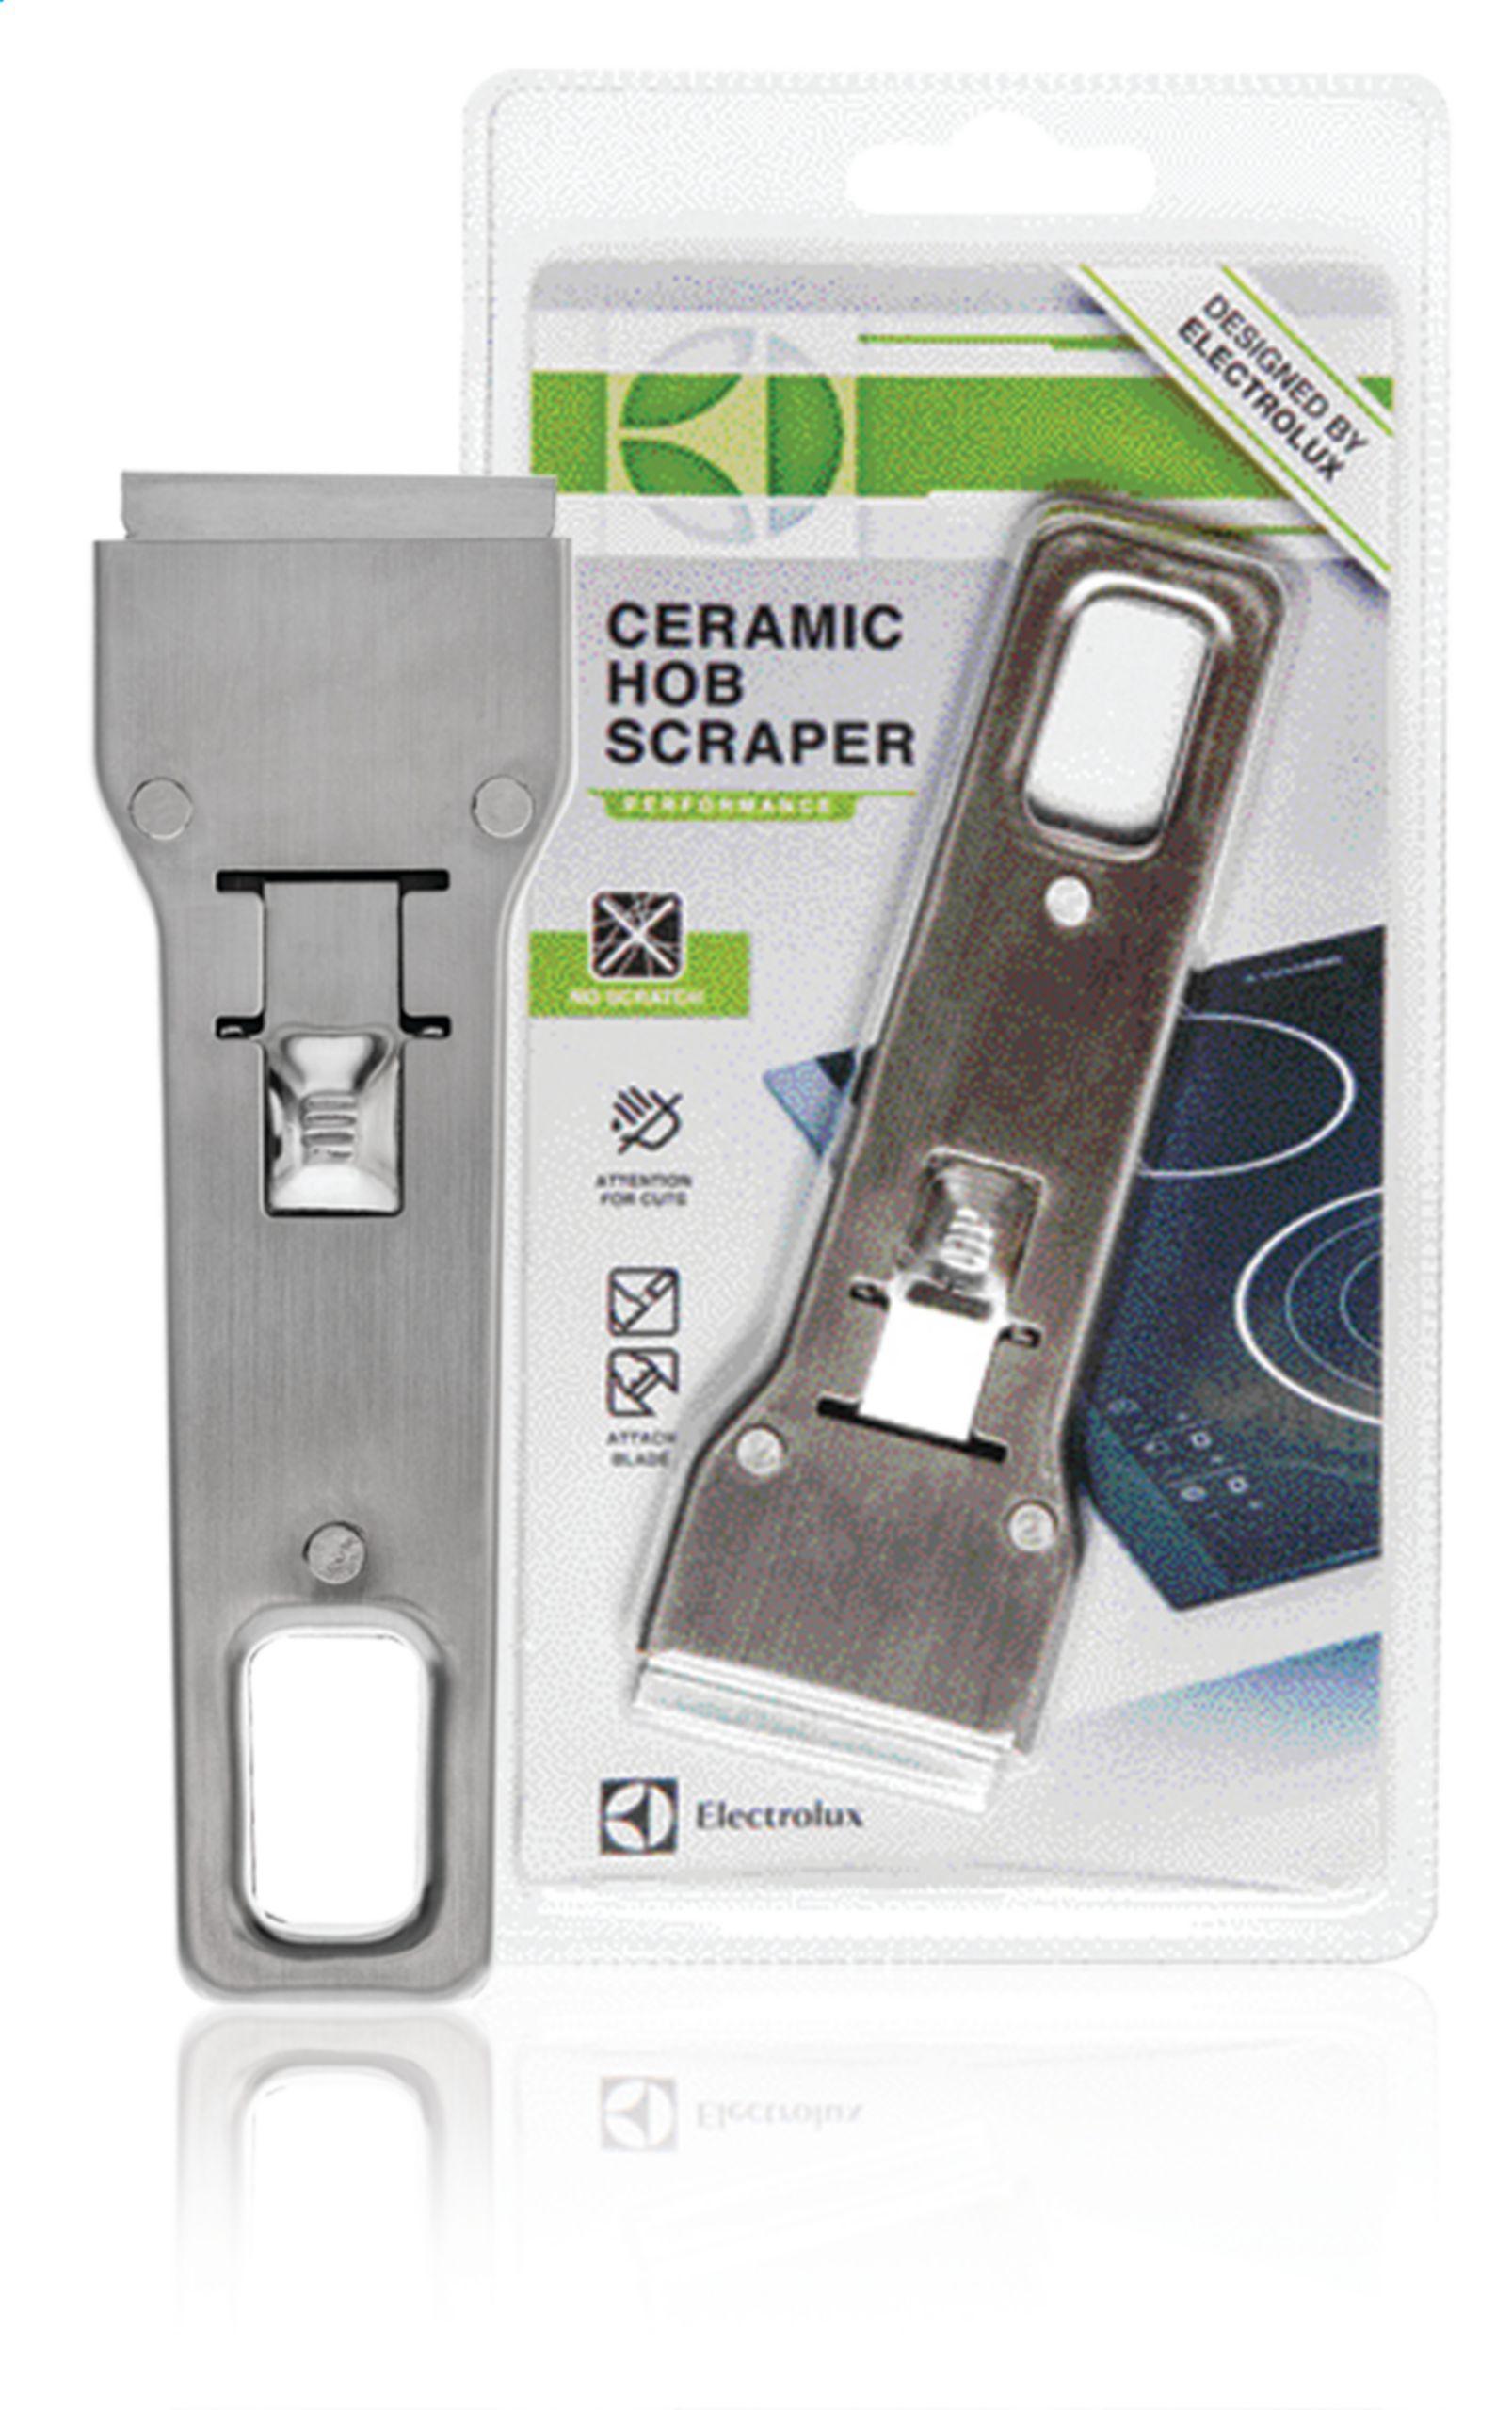 SCRAPER CERAMIC HOB